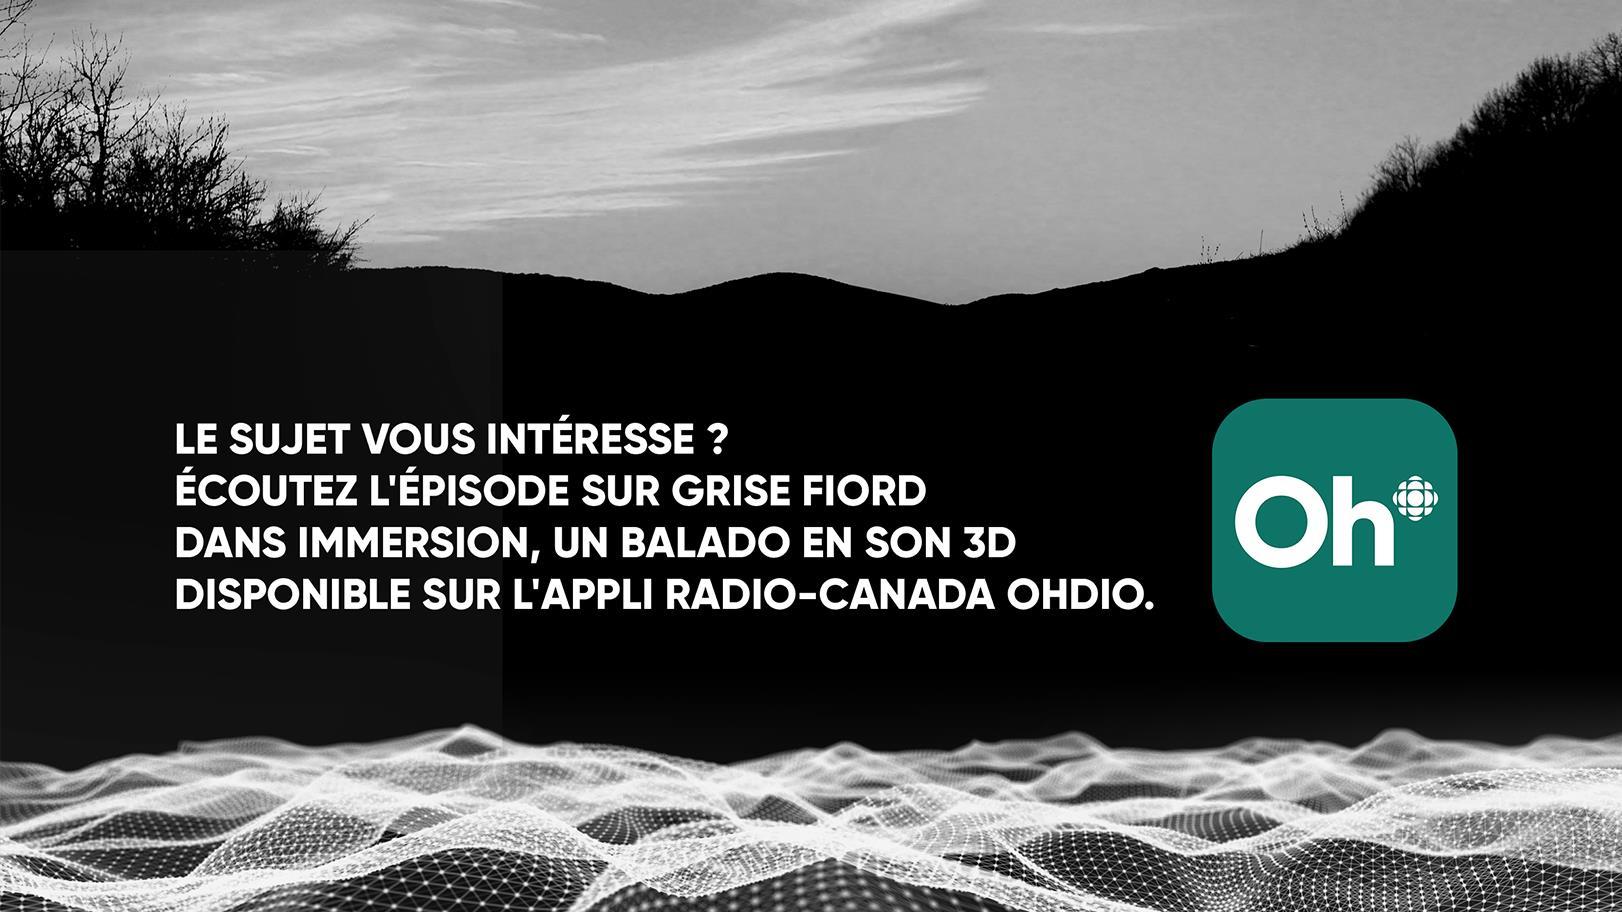 Écoutez l'épisode sur Grise Fiord dans la série balado Immersion